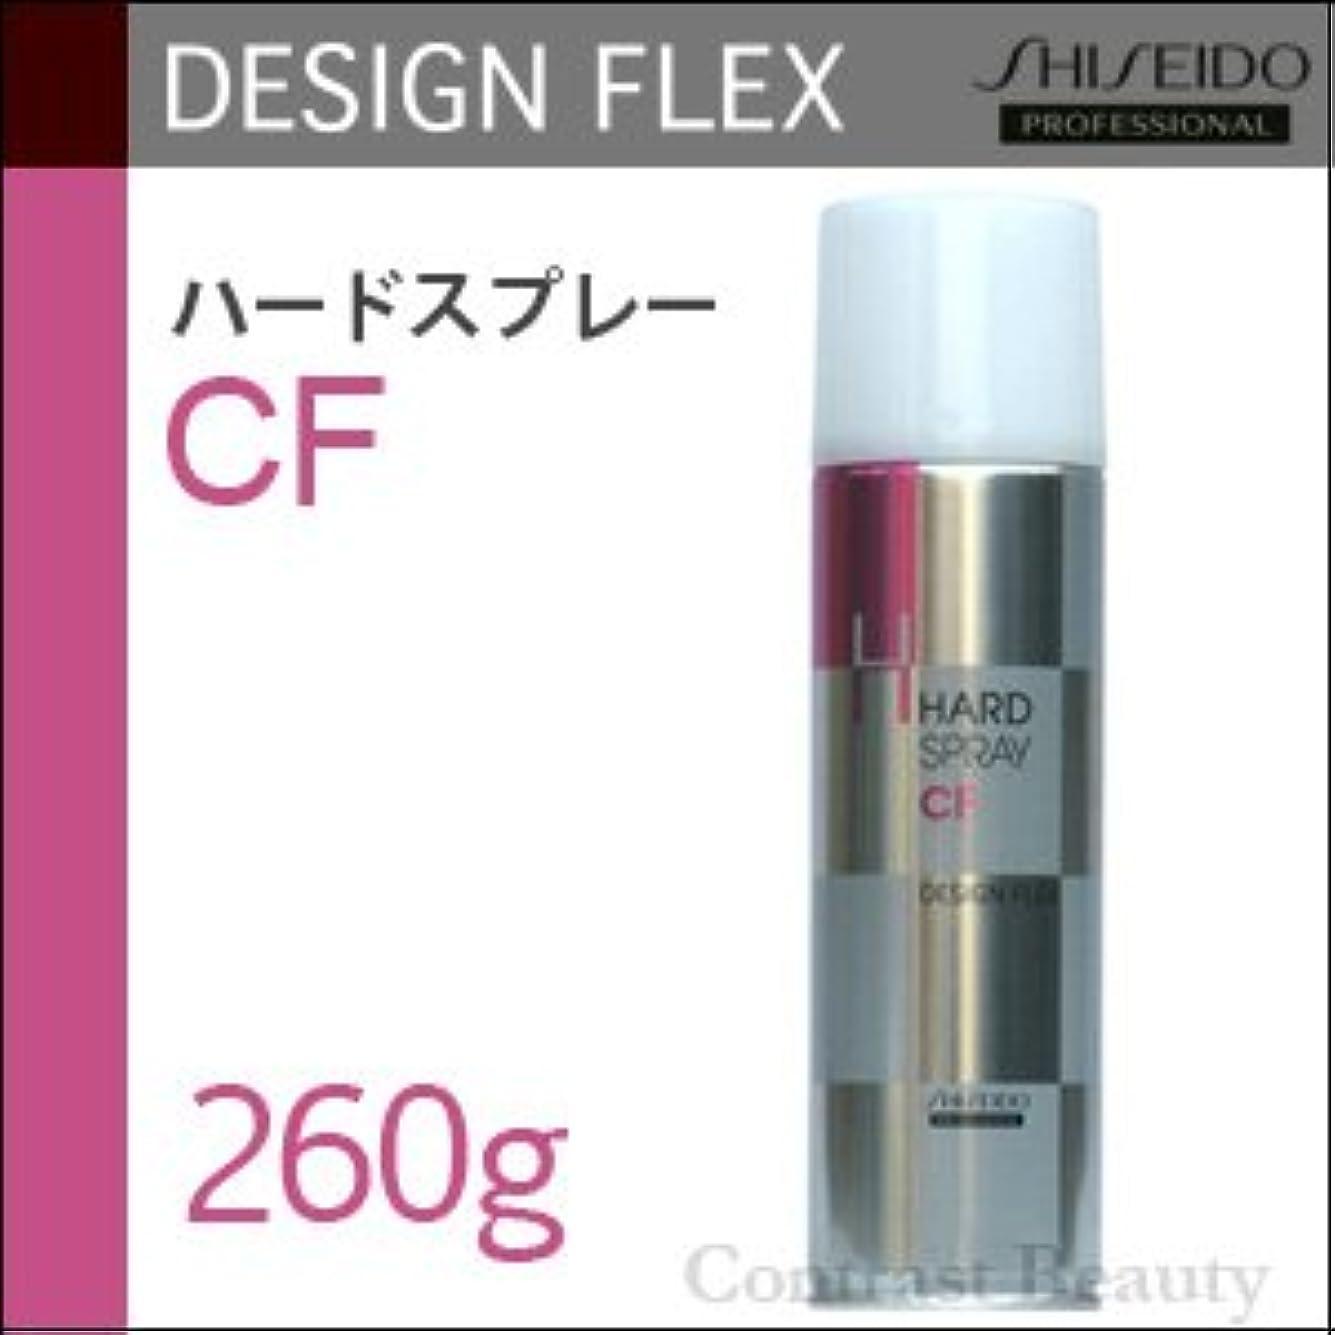 対応不完全な準備する【x5個セット】 資生堂 デザインフレックス ハードスプレーCF 260g